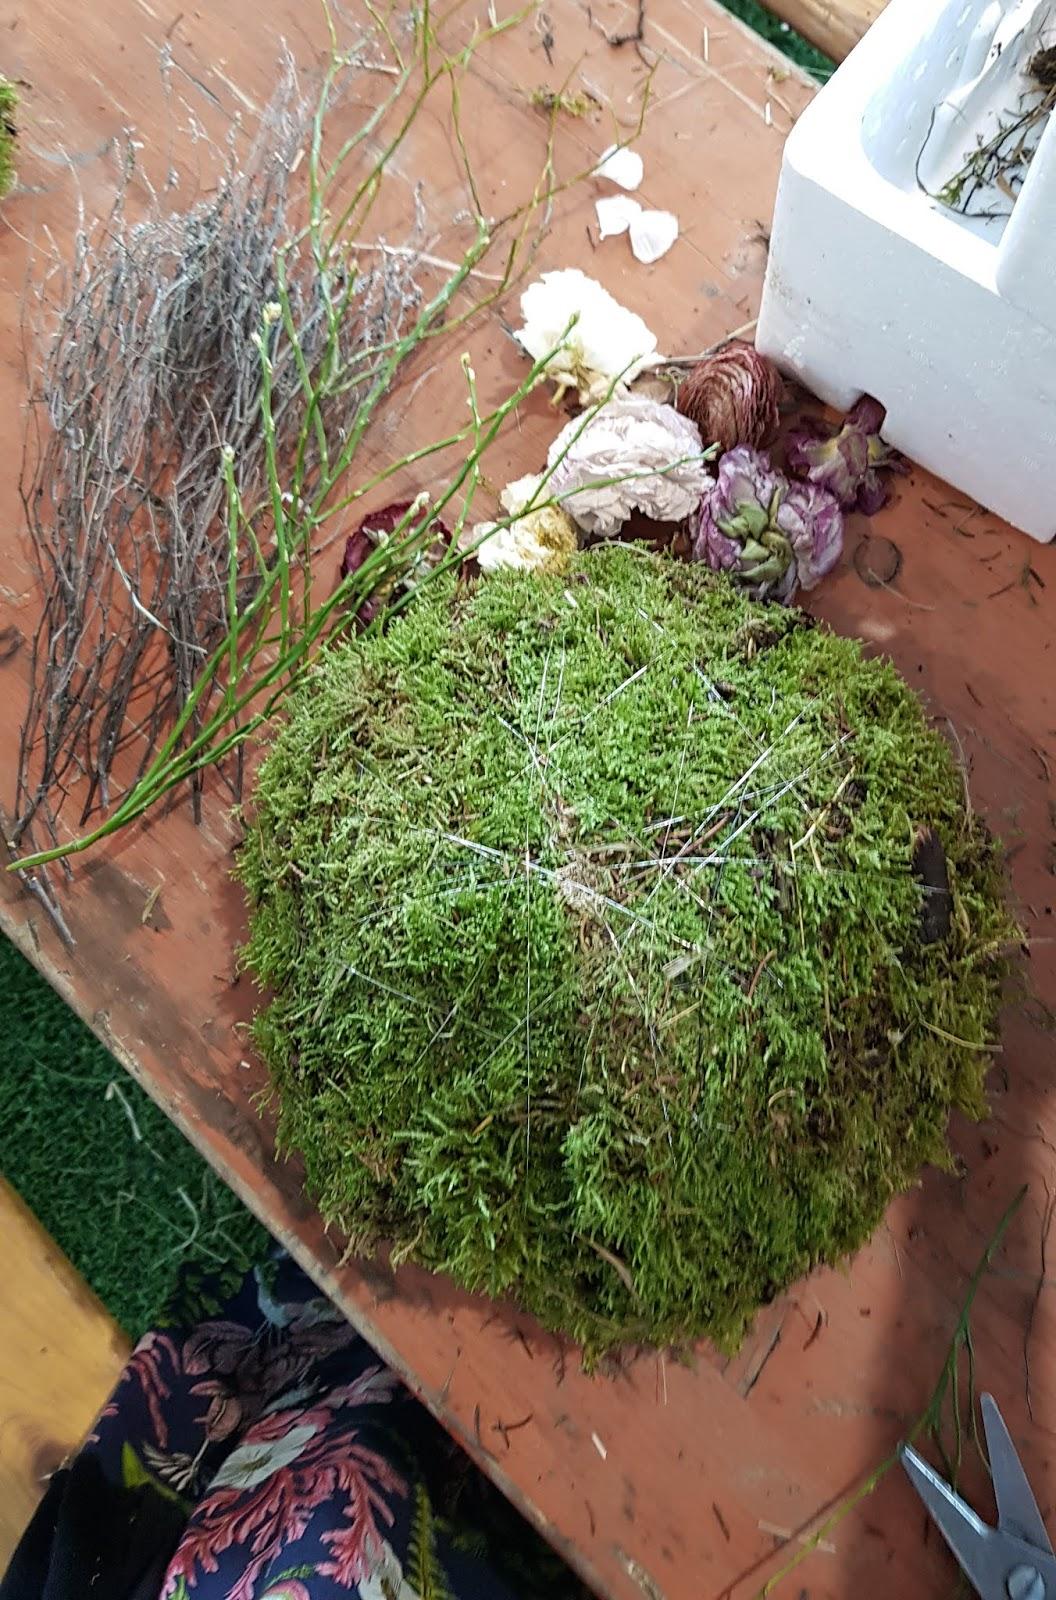 DIY Deko mit Moos. Einfach selber machen. Dekoidee aus Heu, Draht, Moos und Blüten Basteln und Kreativsein